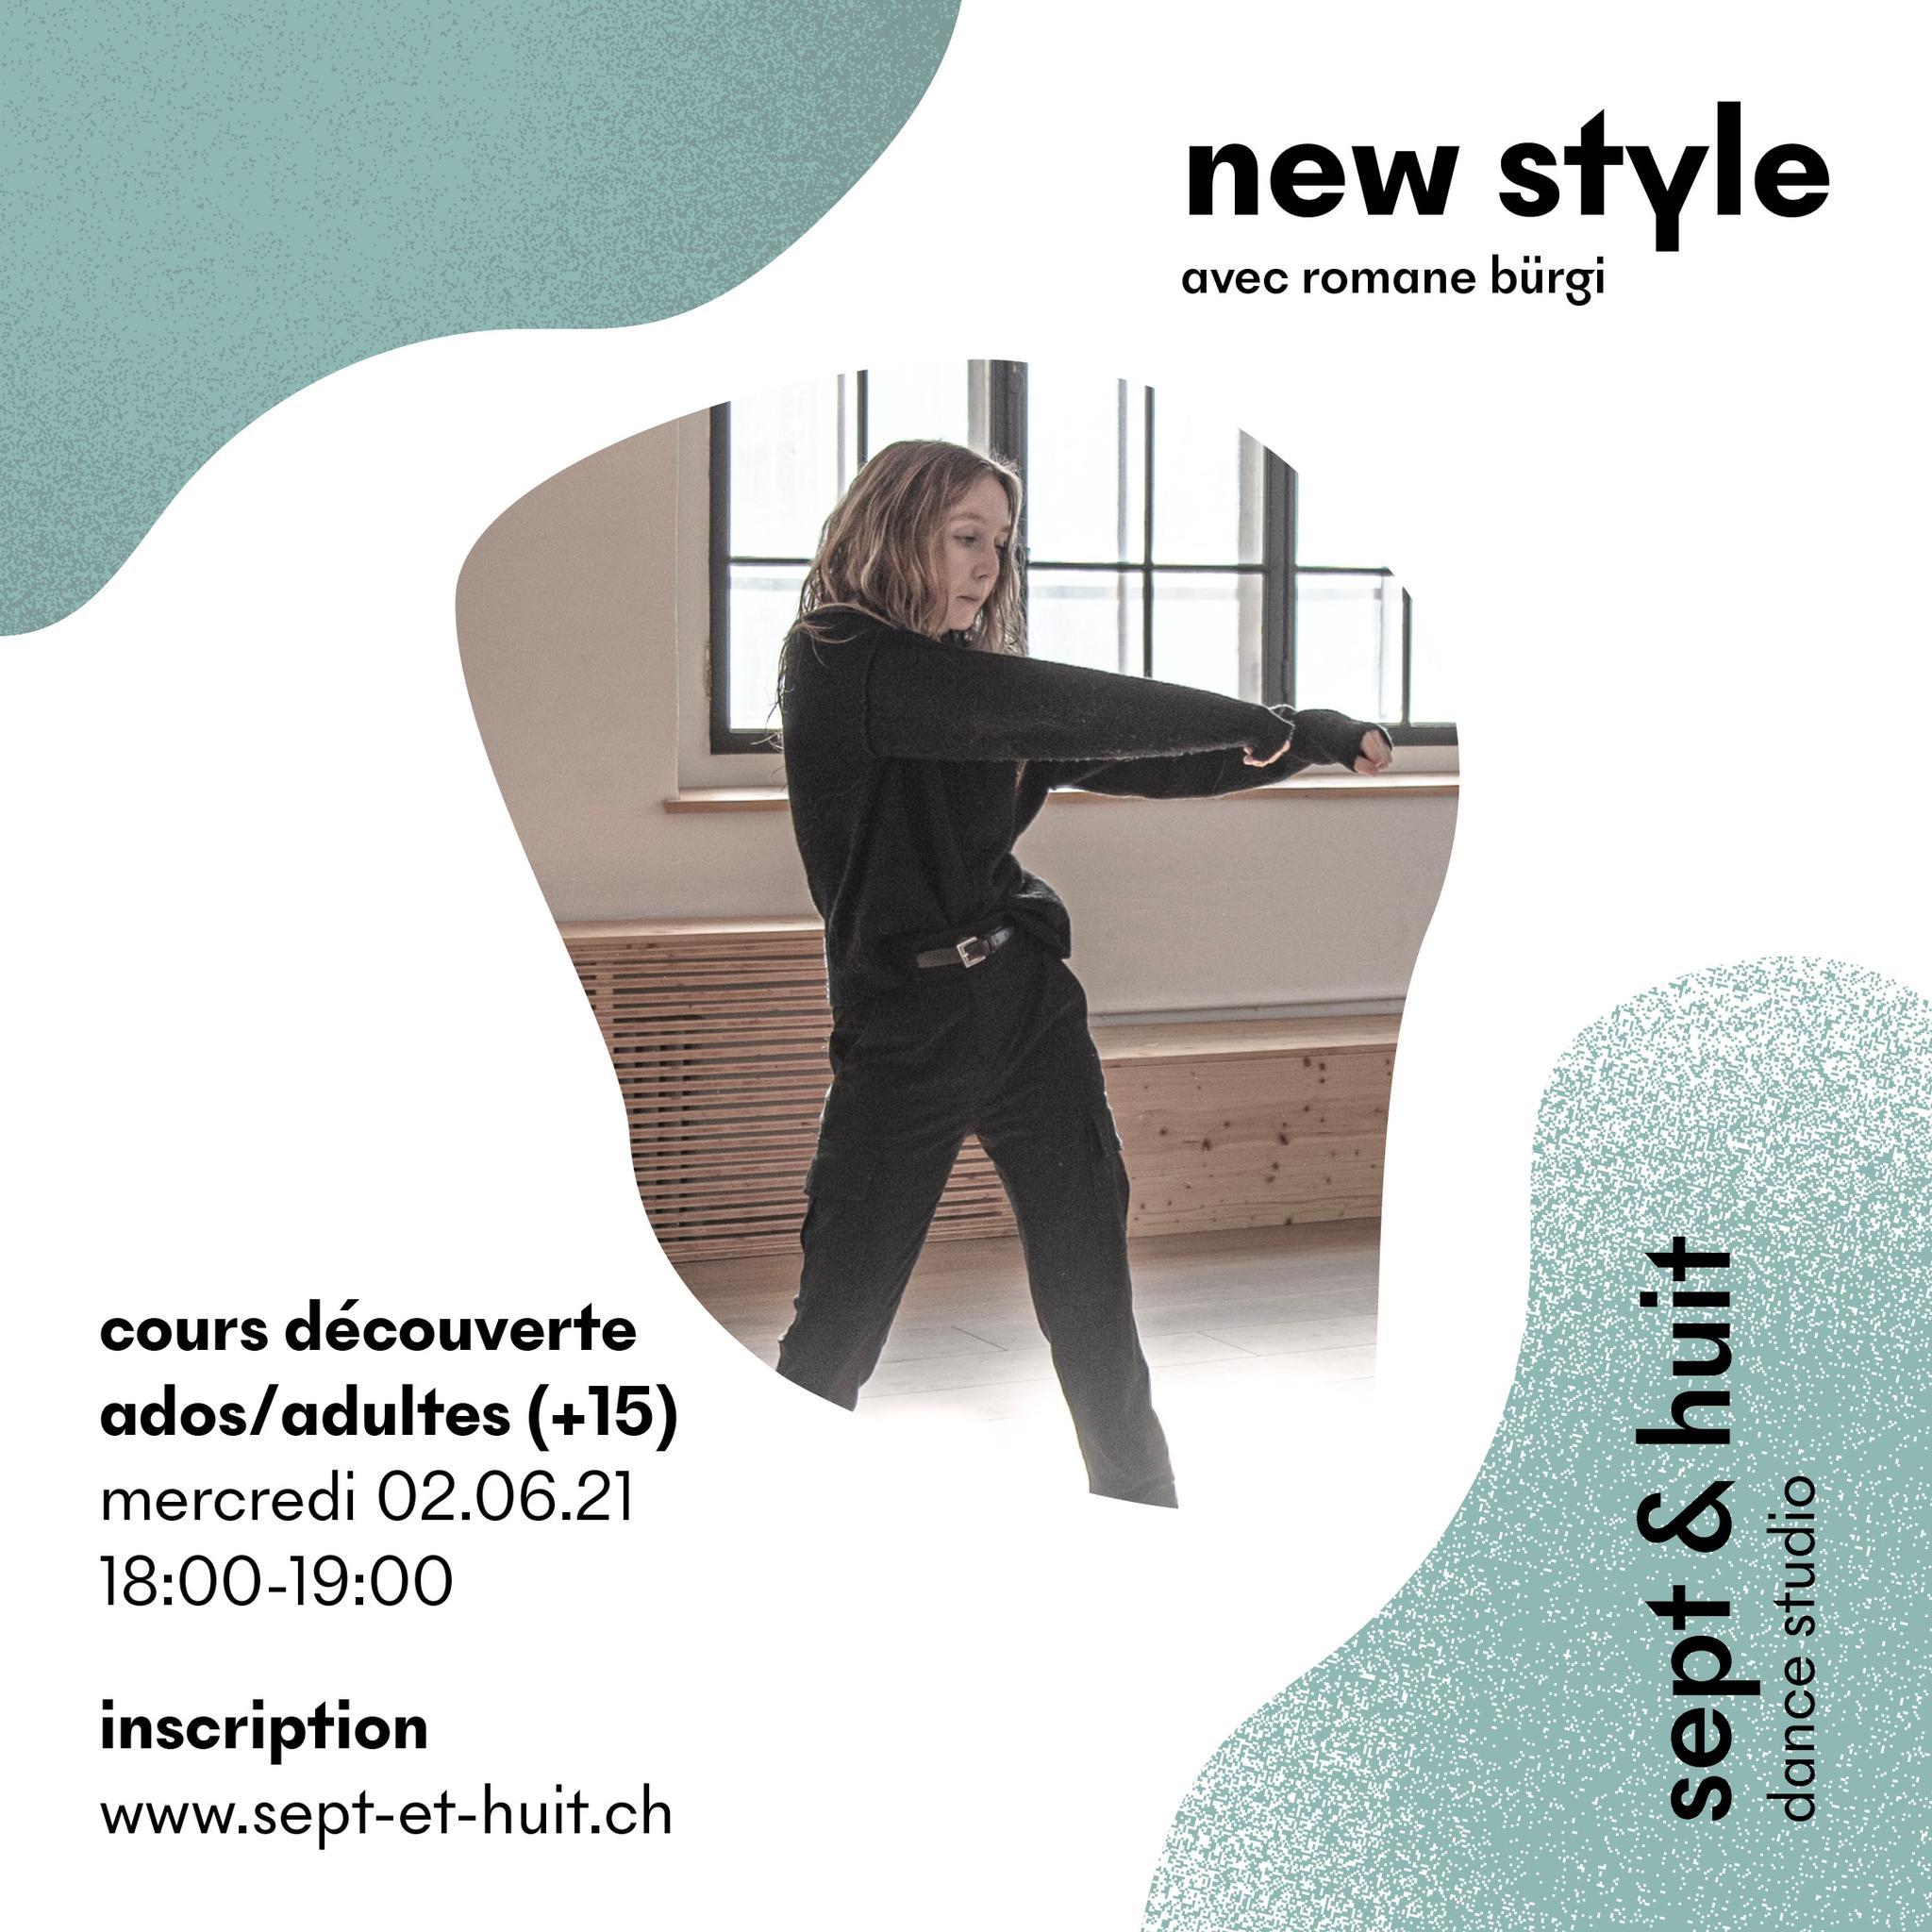 Romane Bürgi lance son cours New Style chez Sept et Huit